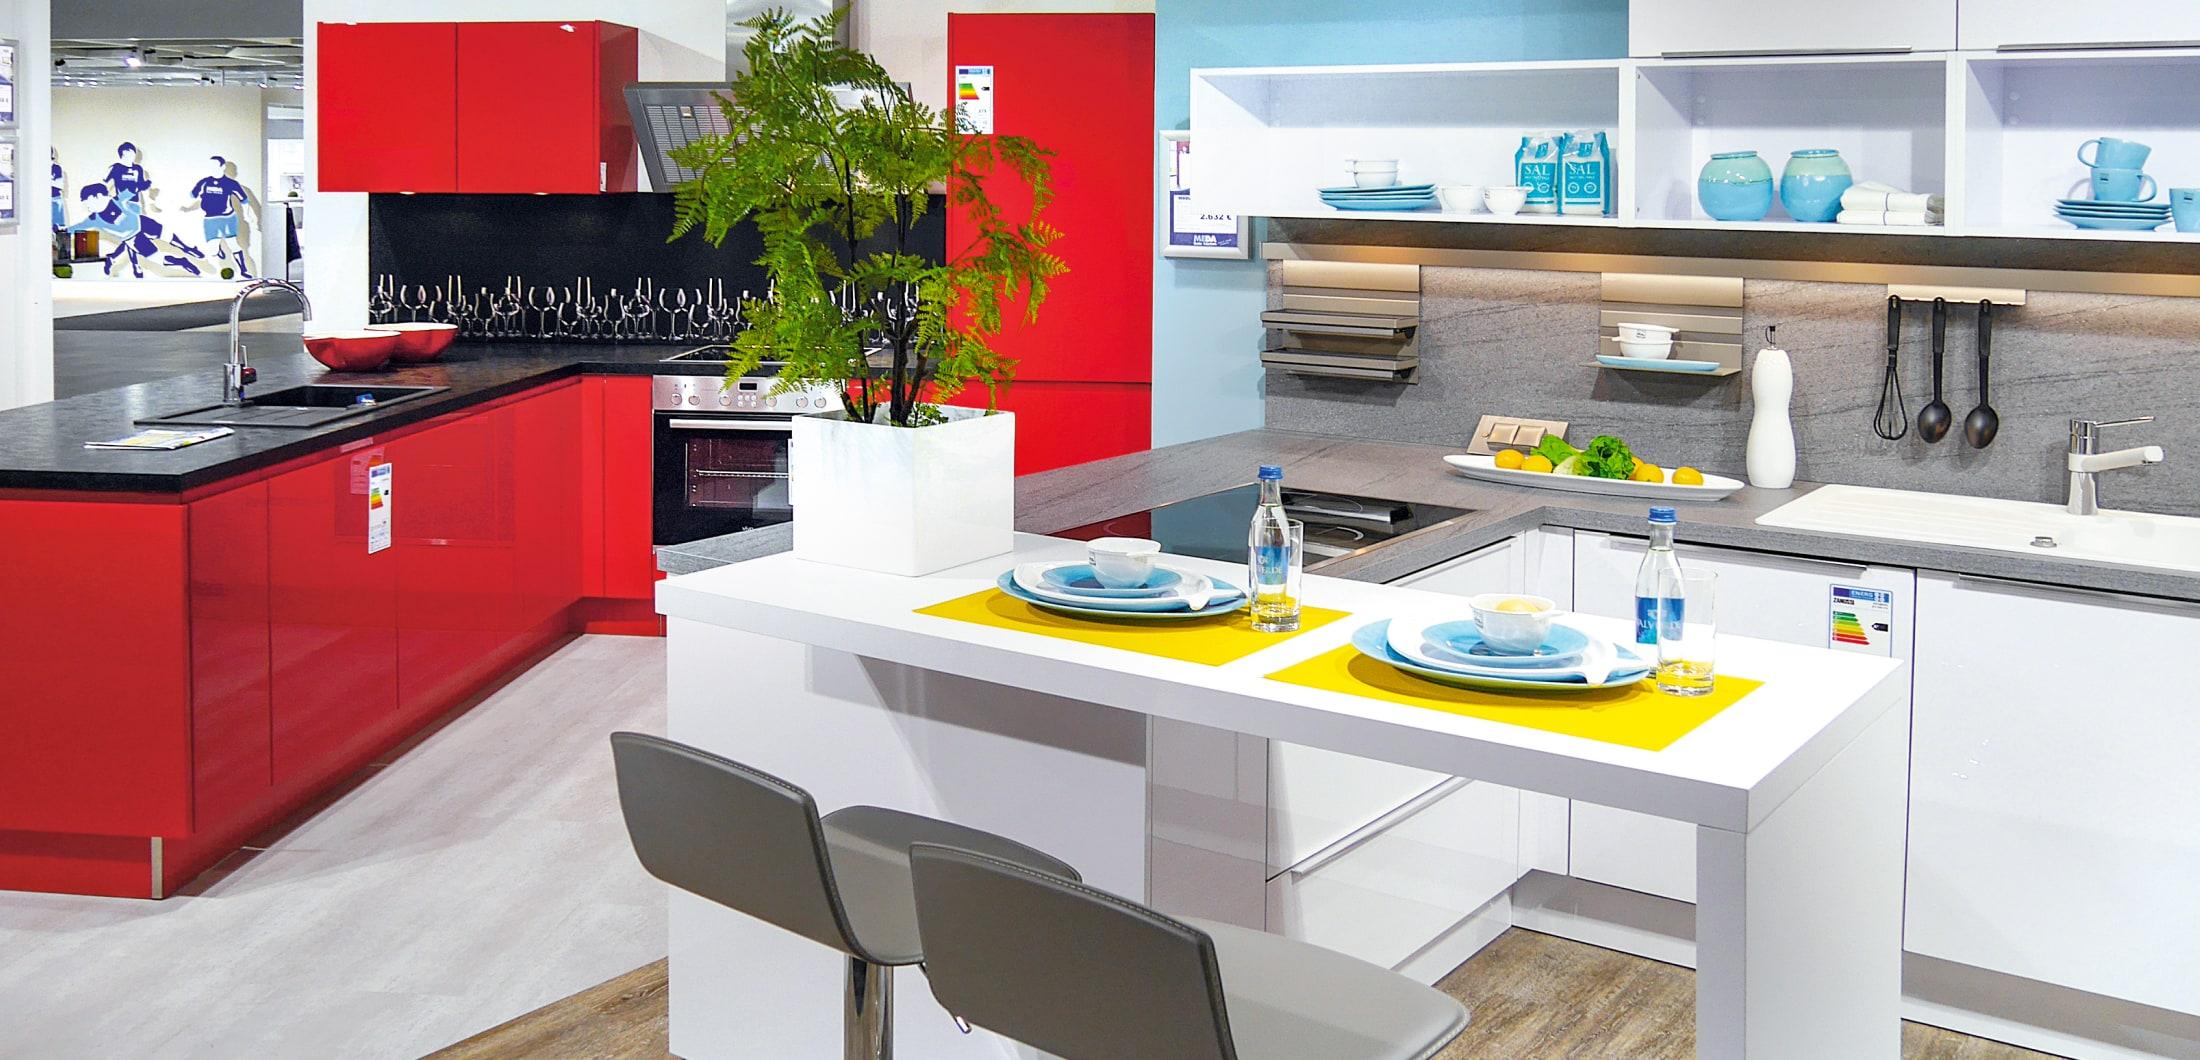 Küche mit weiße und roter Front im Küchenstudio Gelsenkirchen